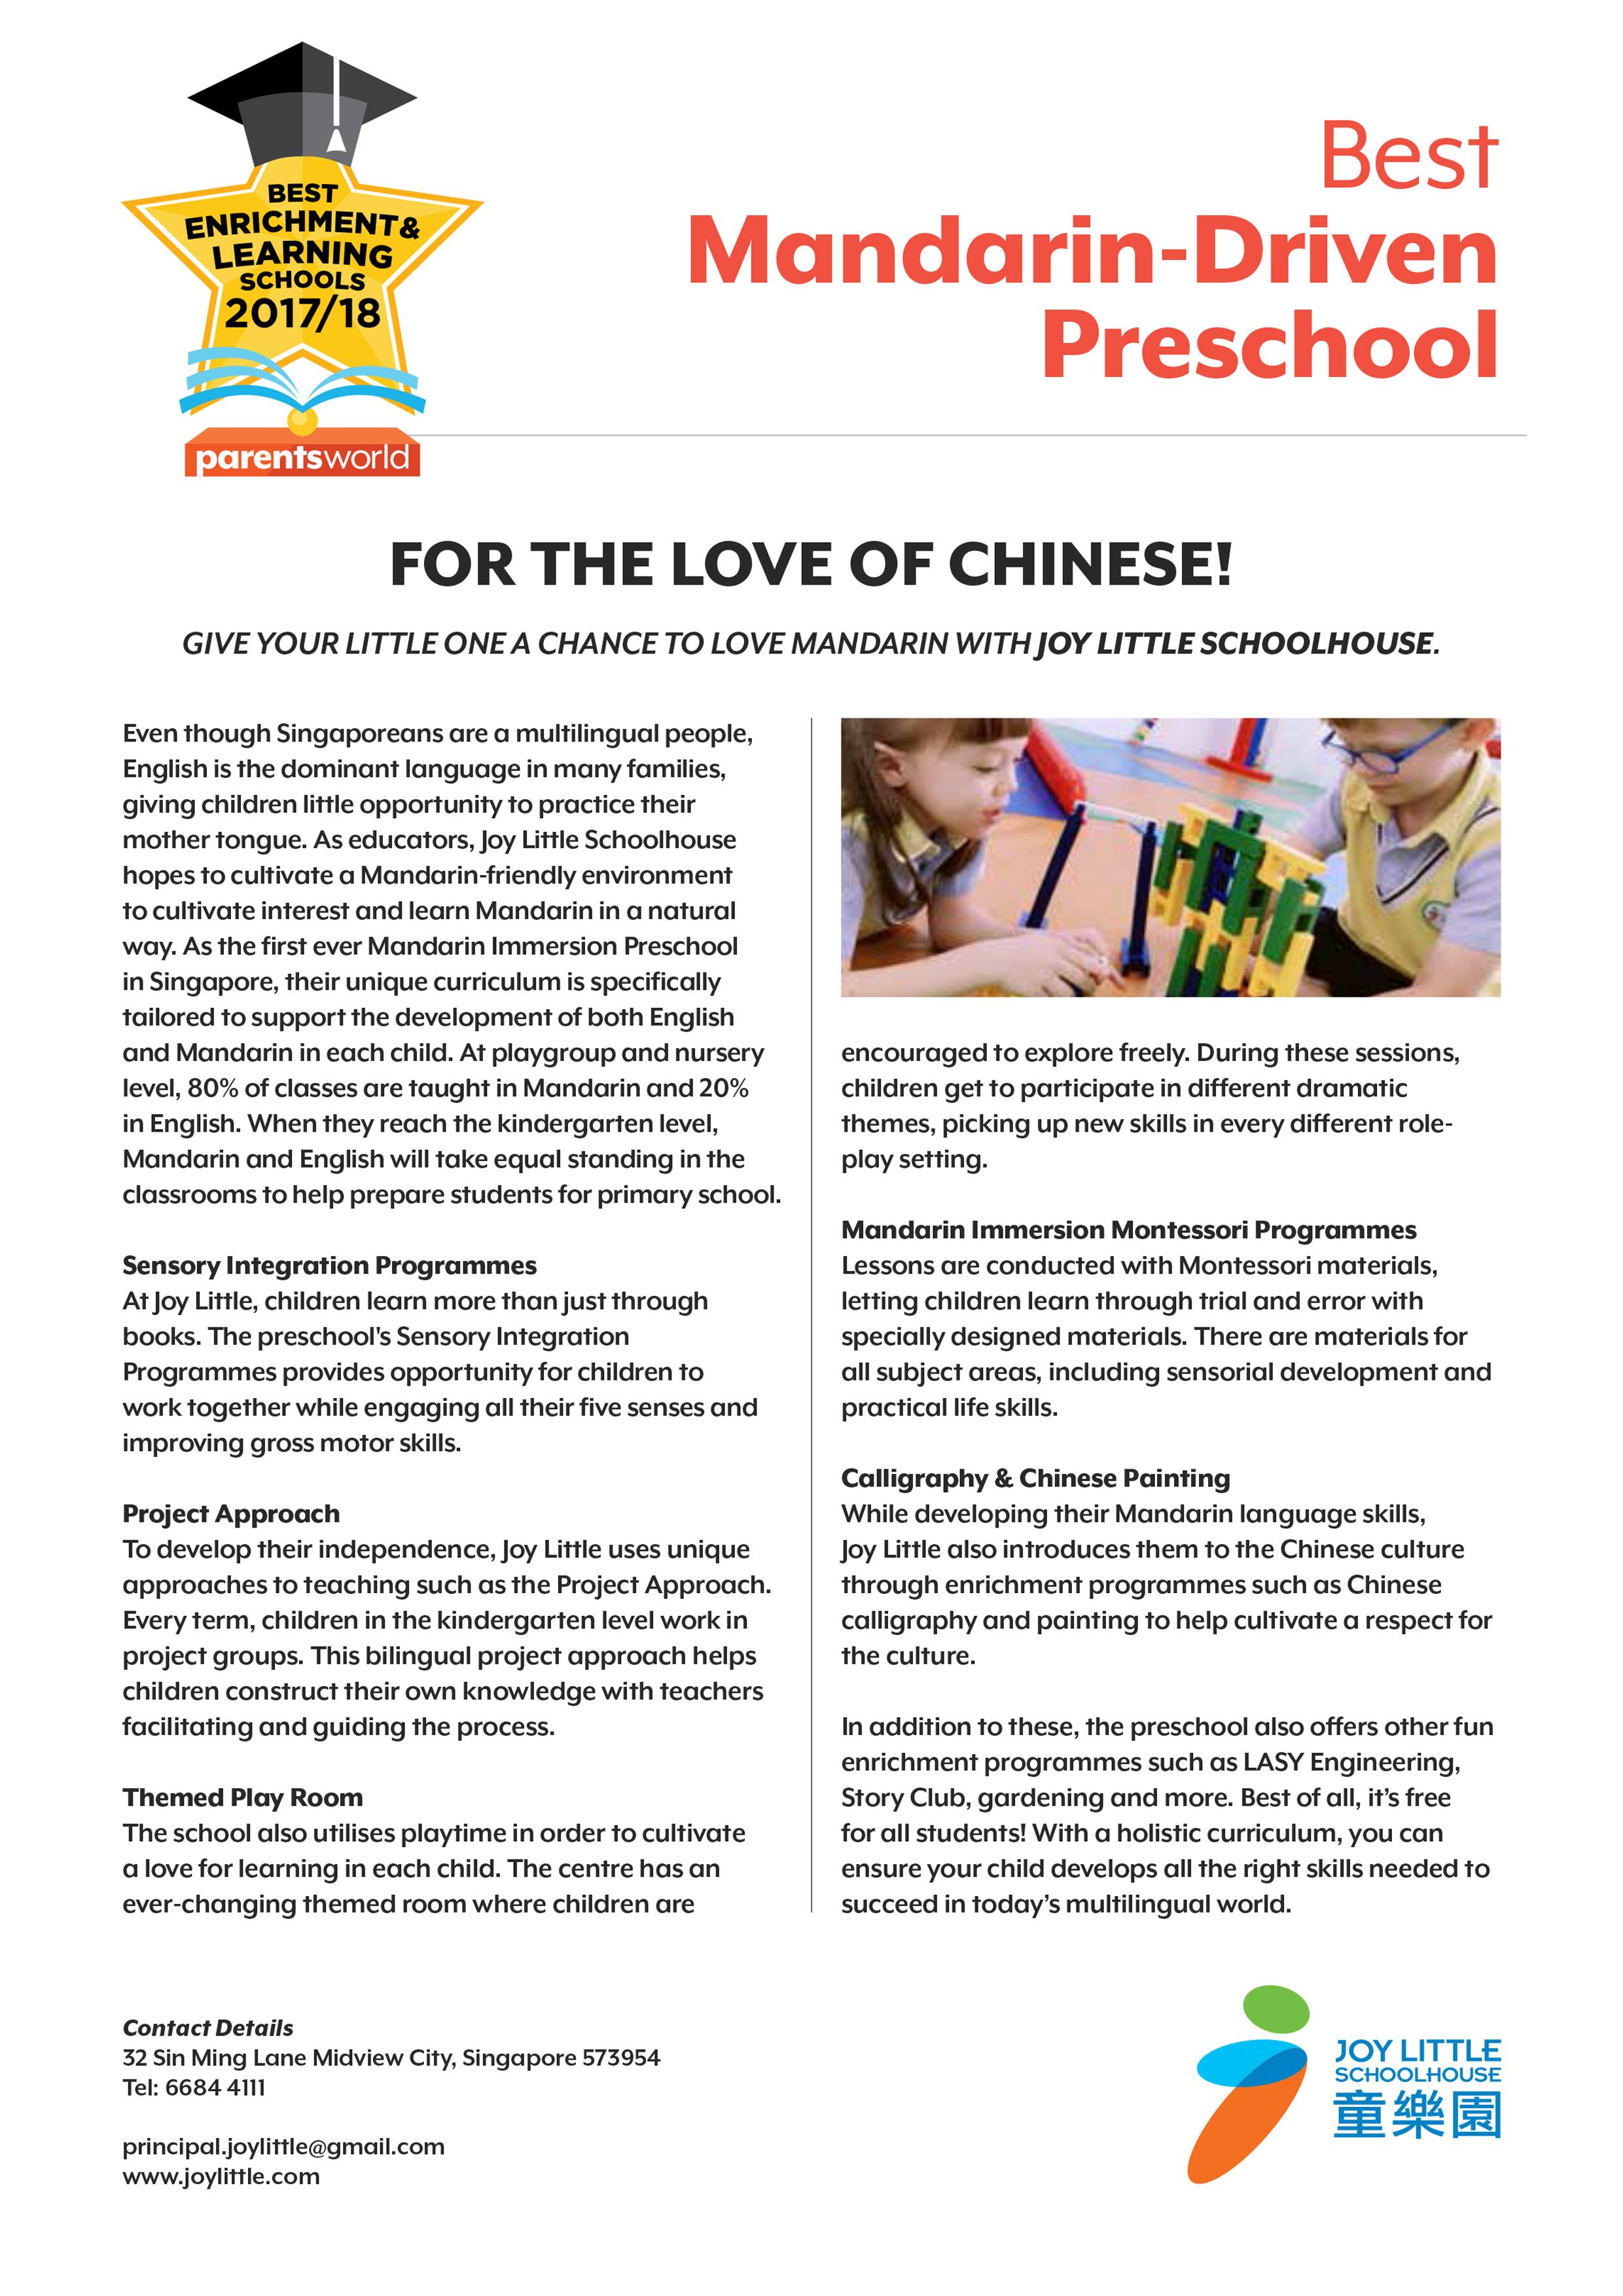 Best Mandarin-Driven Preschool - Parents World